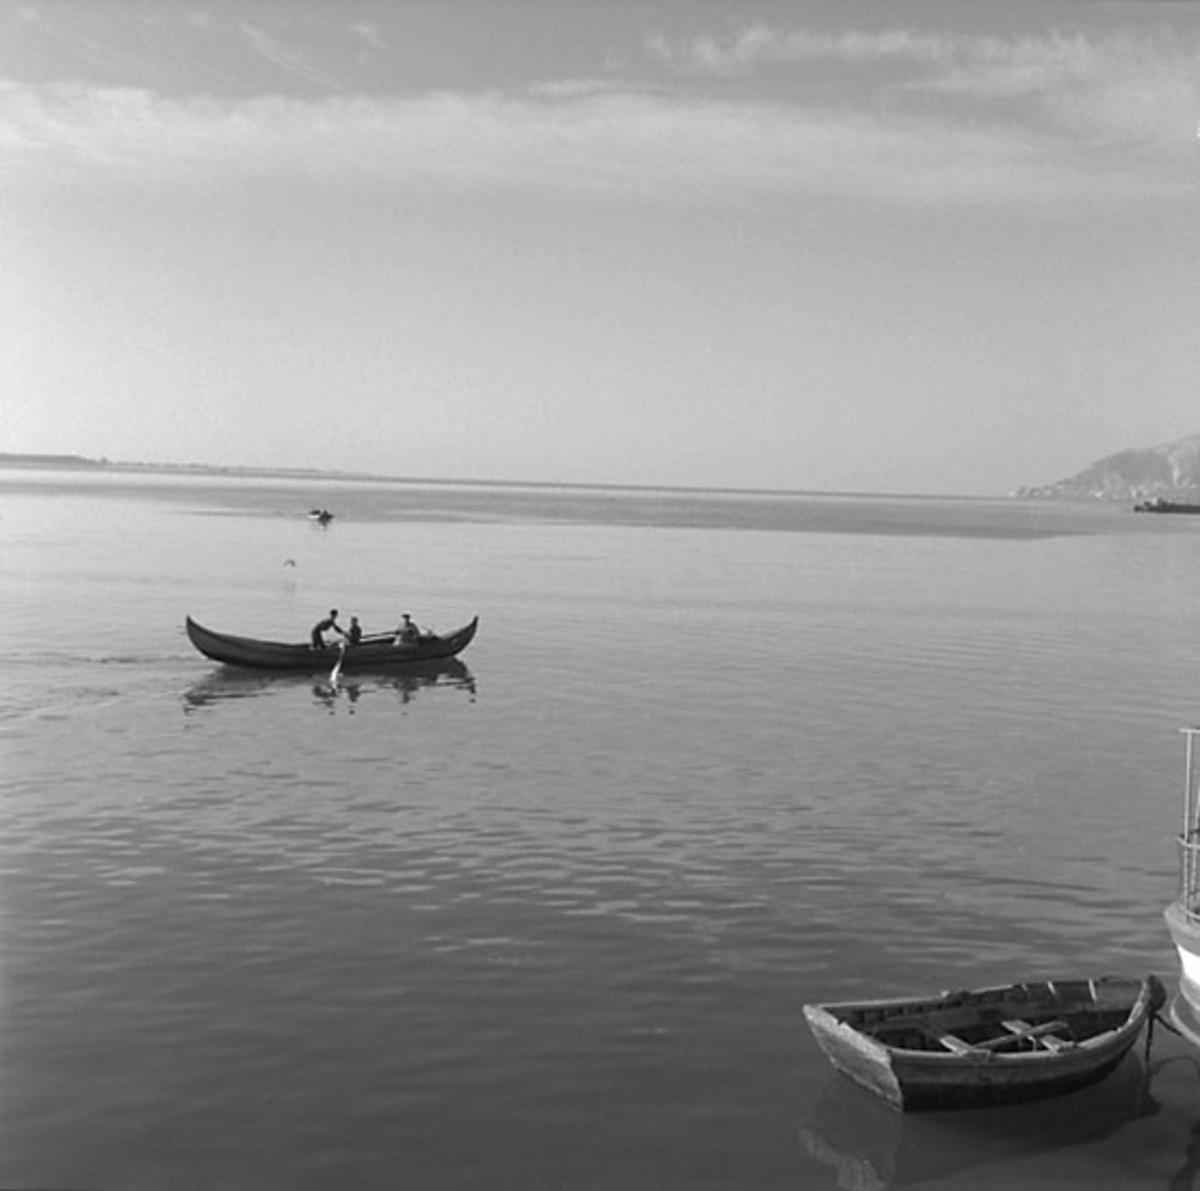 44. Spanien, Portugal. Fotojournal finns på B.M.A. + fotoalbum. Samtidigt förvärv: Böcker och arkivmaterial. Foton tagna mellan 1959-11-13 och 1959-11-15. 12 Bilder i serie.